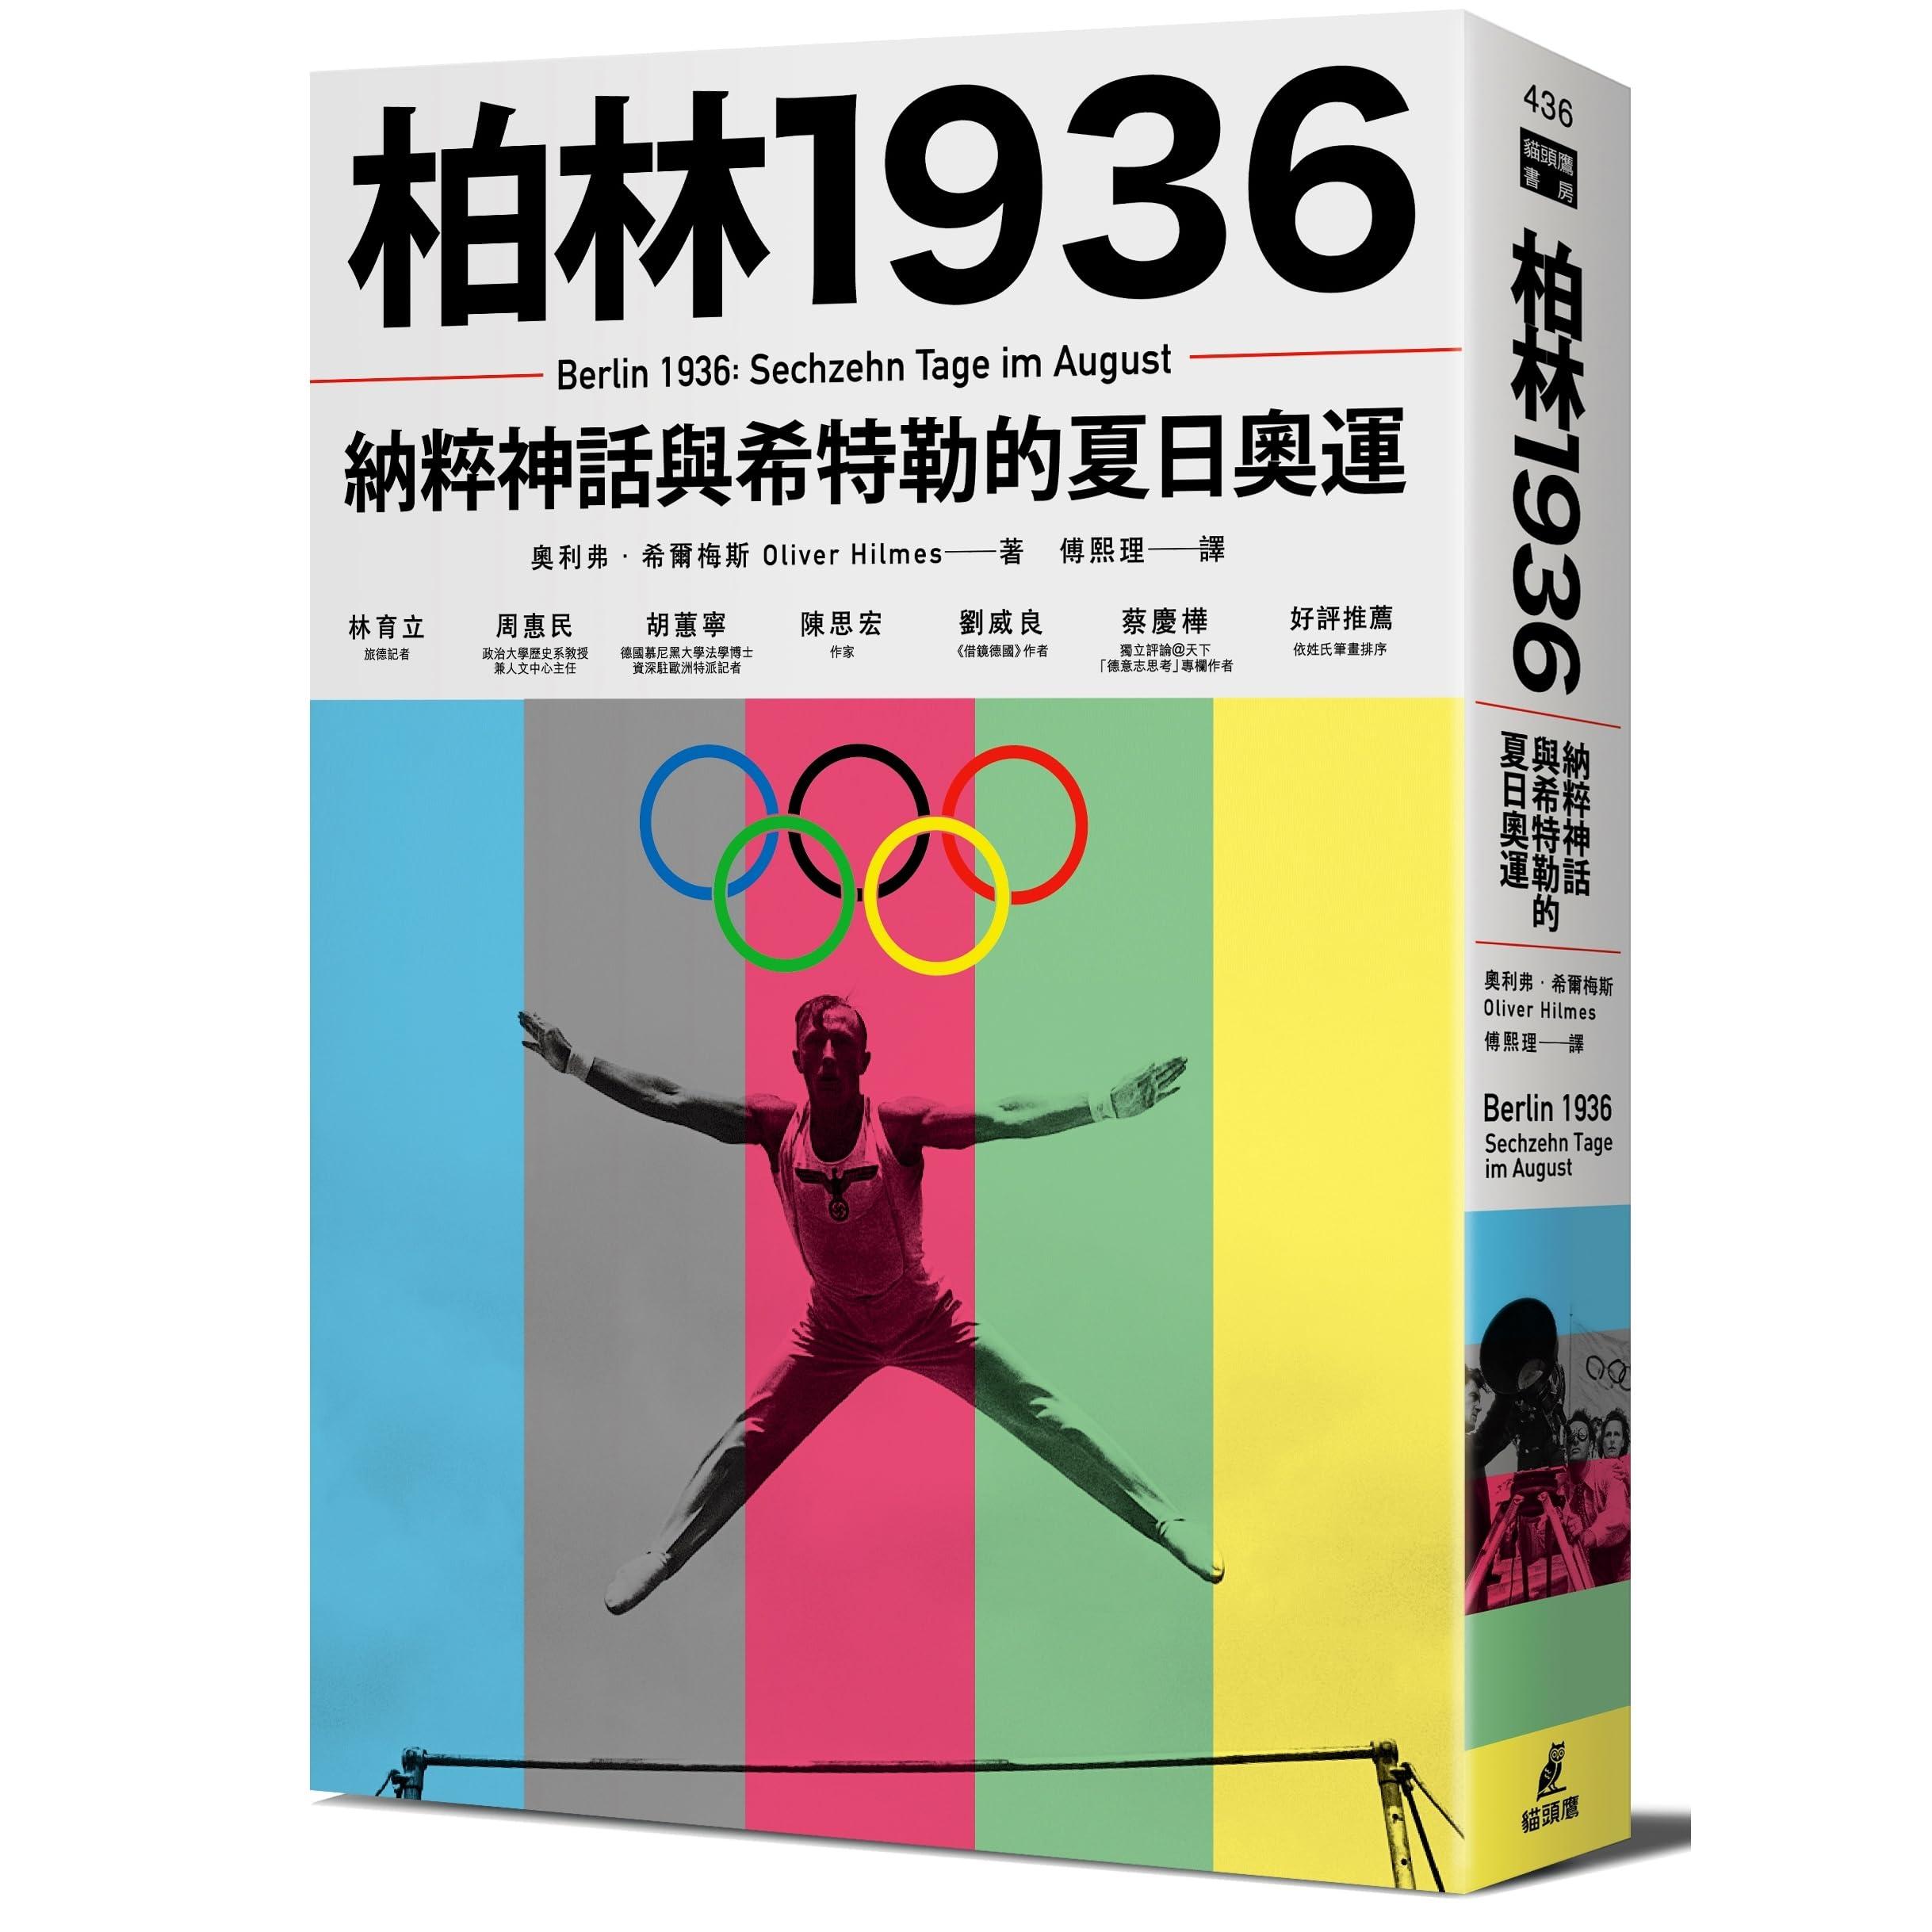 柏林1936 納粹神話與希特勒的夏日奧運by Oliver Hilmes